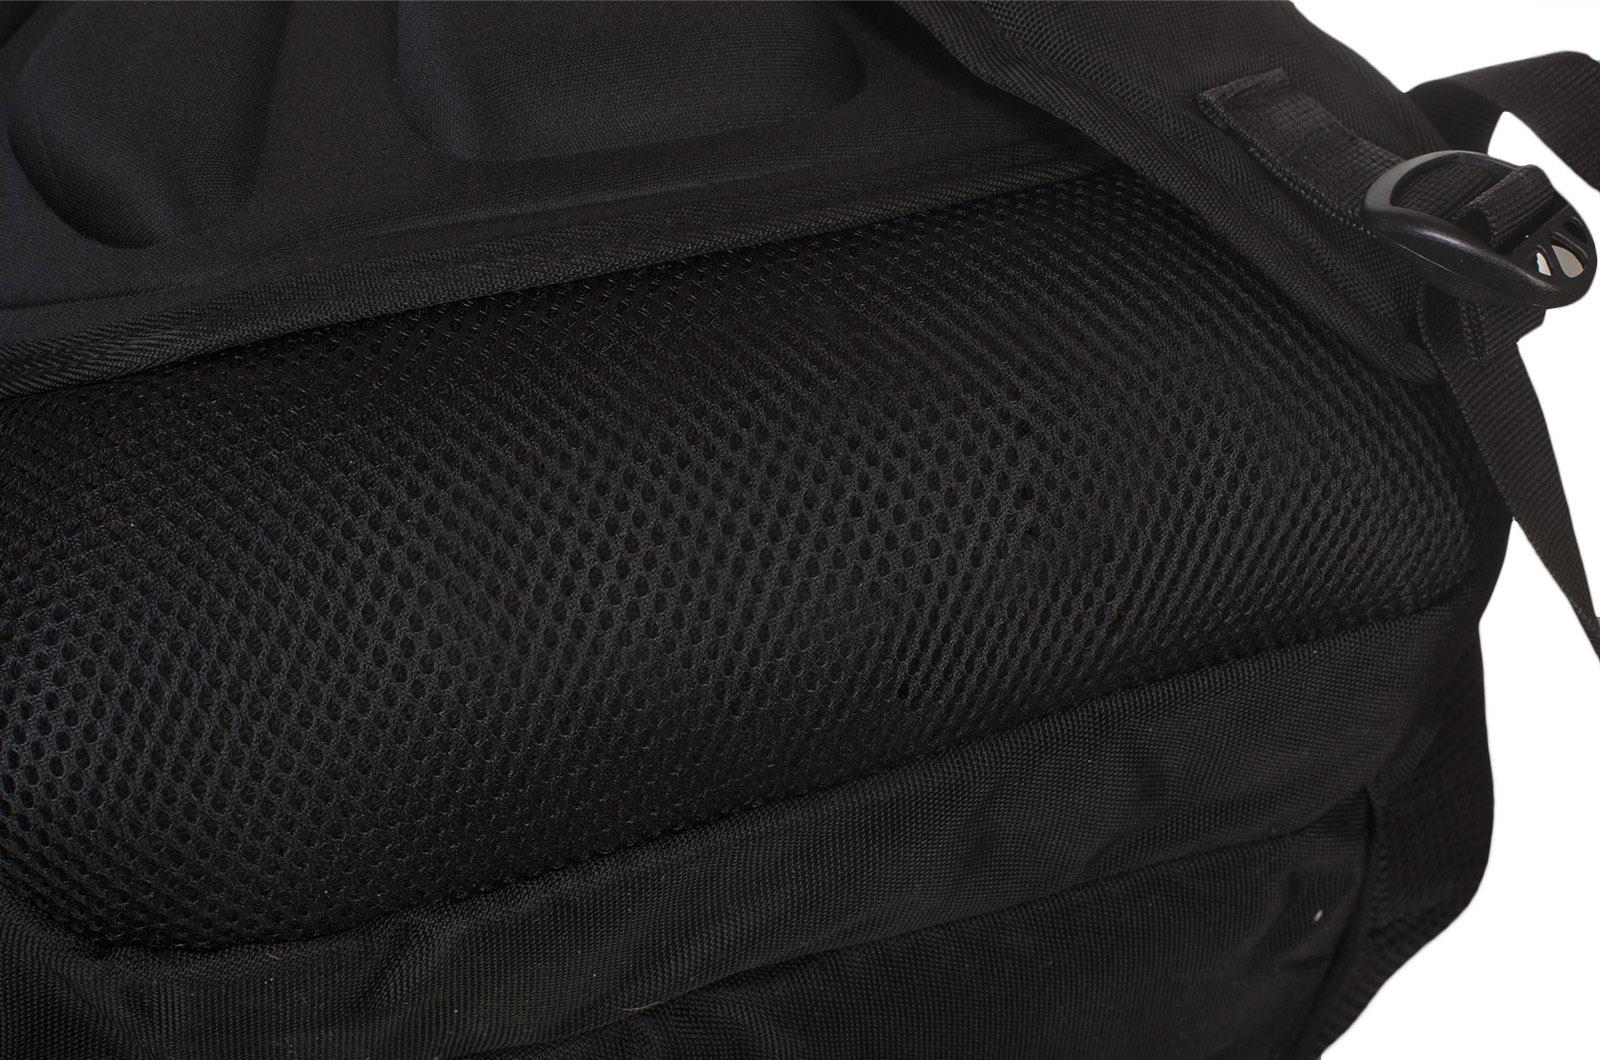 Зачетный вместительный рюкзак с нашивкой Слава Руси - купить с доставкой